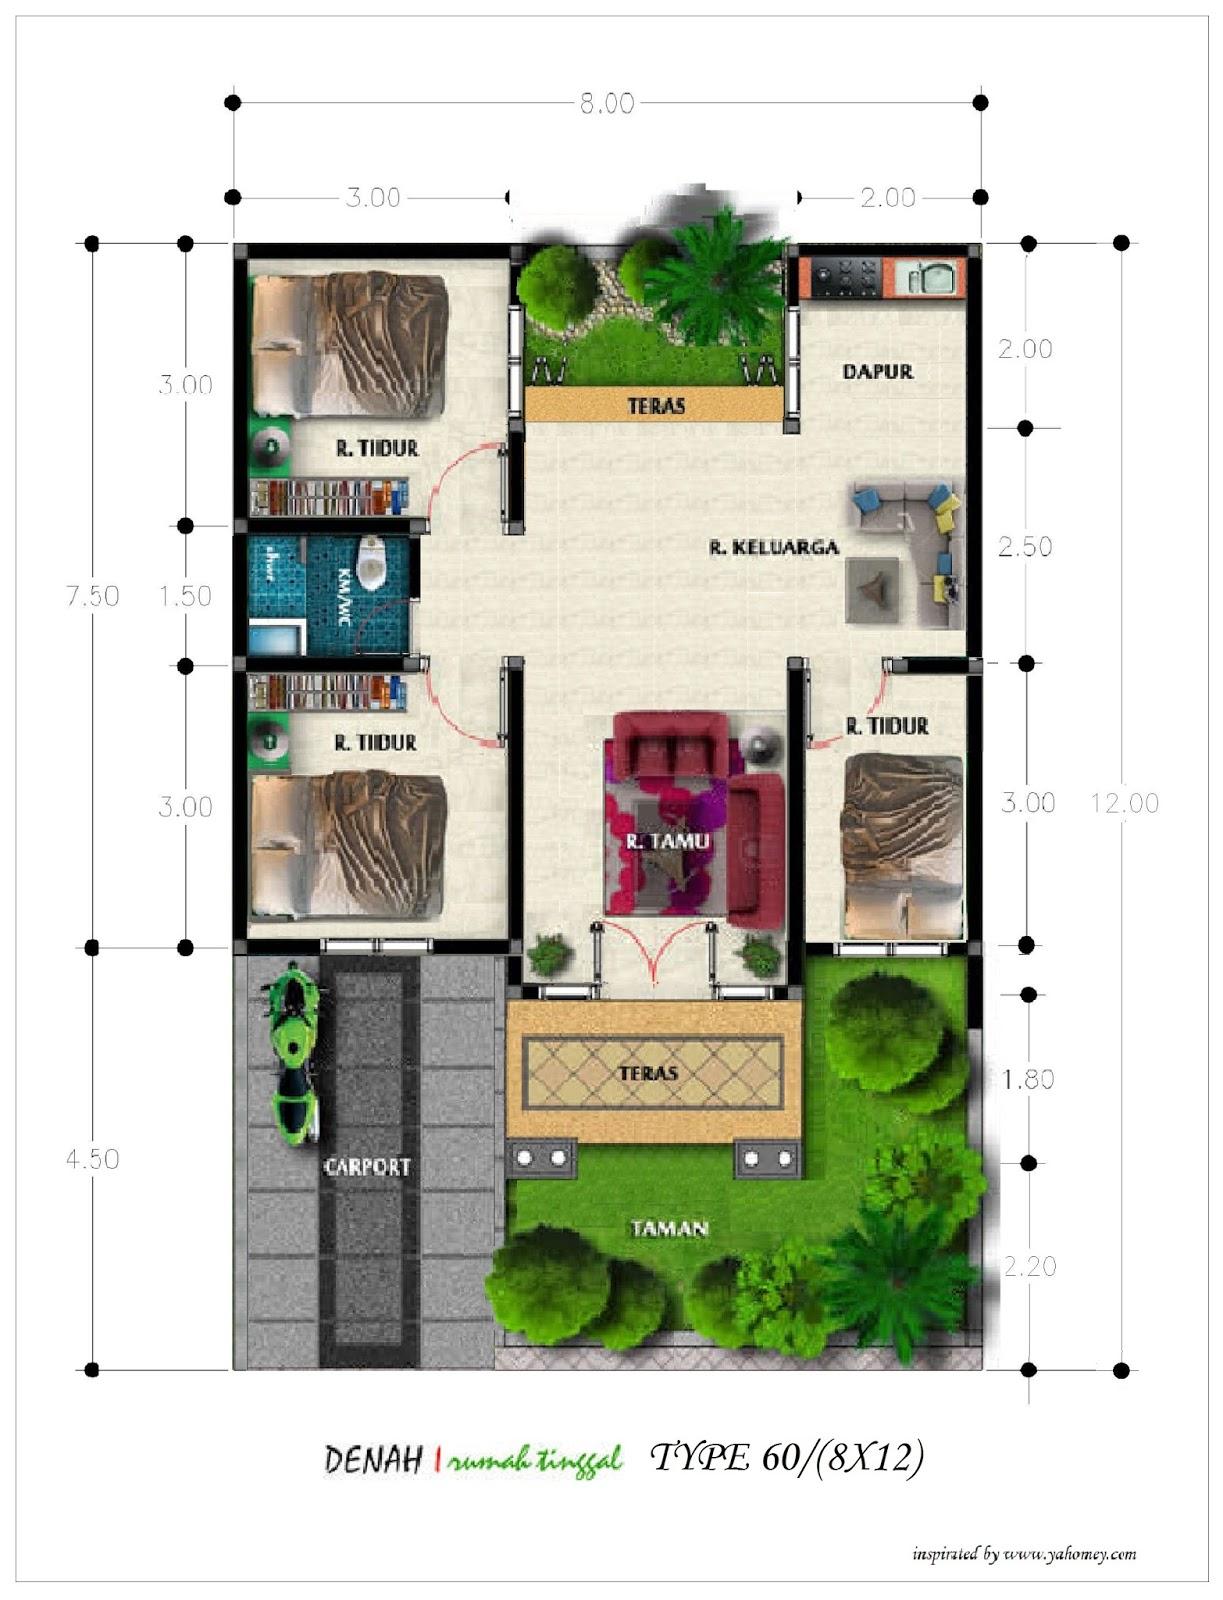 gambar denah rumah type 60 2015 rumah minimalis 2015